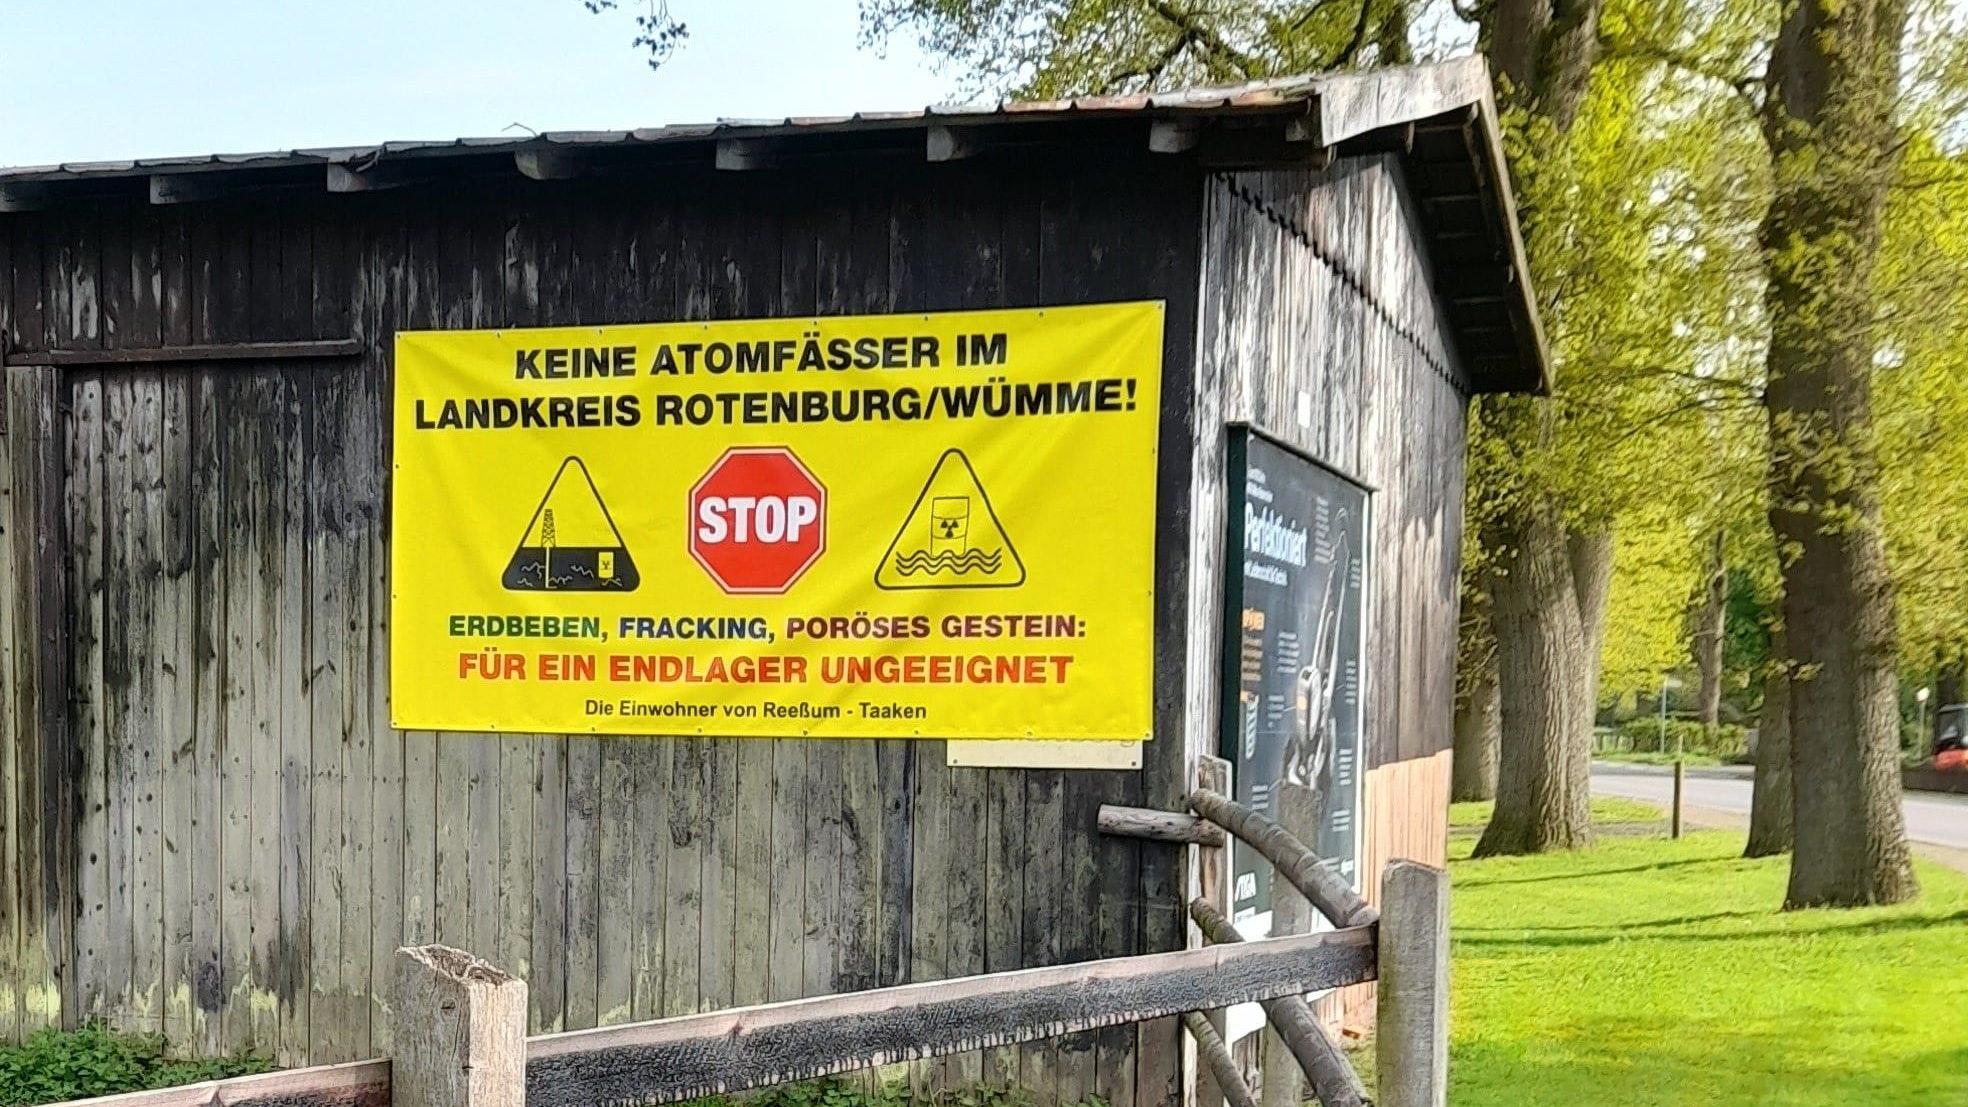 Andernorts in Niedersachsen - wie hier im Landkreis Rotenburg/Wümme - haben sich bereits Bürgerinitiativen gegen ein mögliches Atommüll-Endlager gegründet. Foto: BI Rotenburg